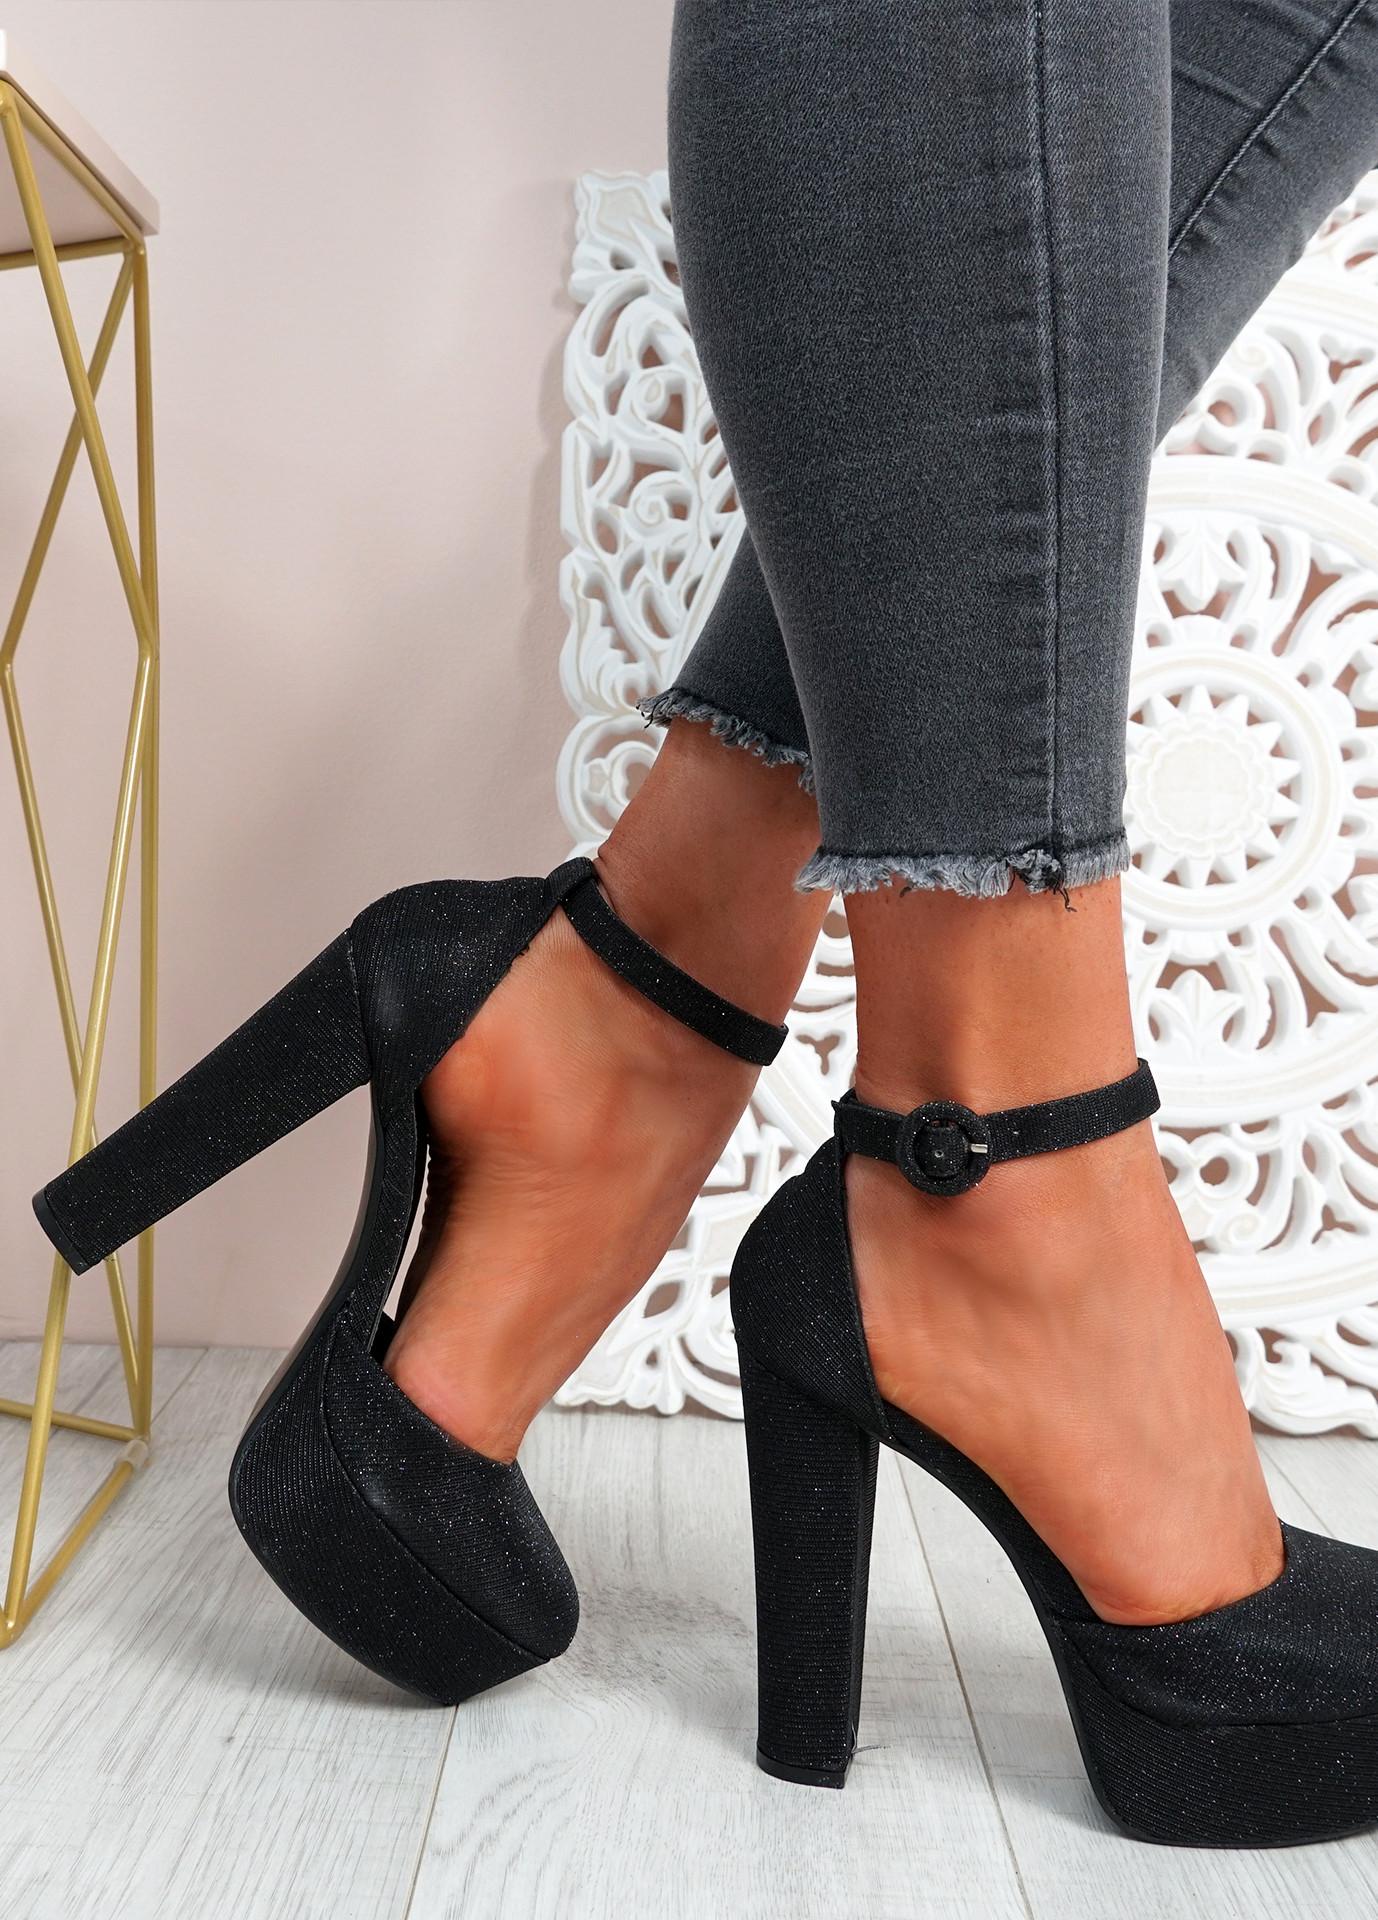 Mizza Black High Block Heel Pumps